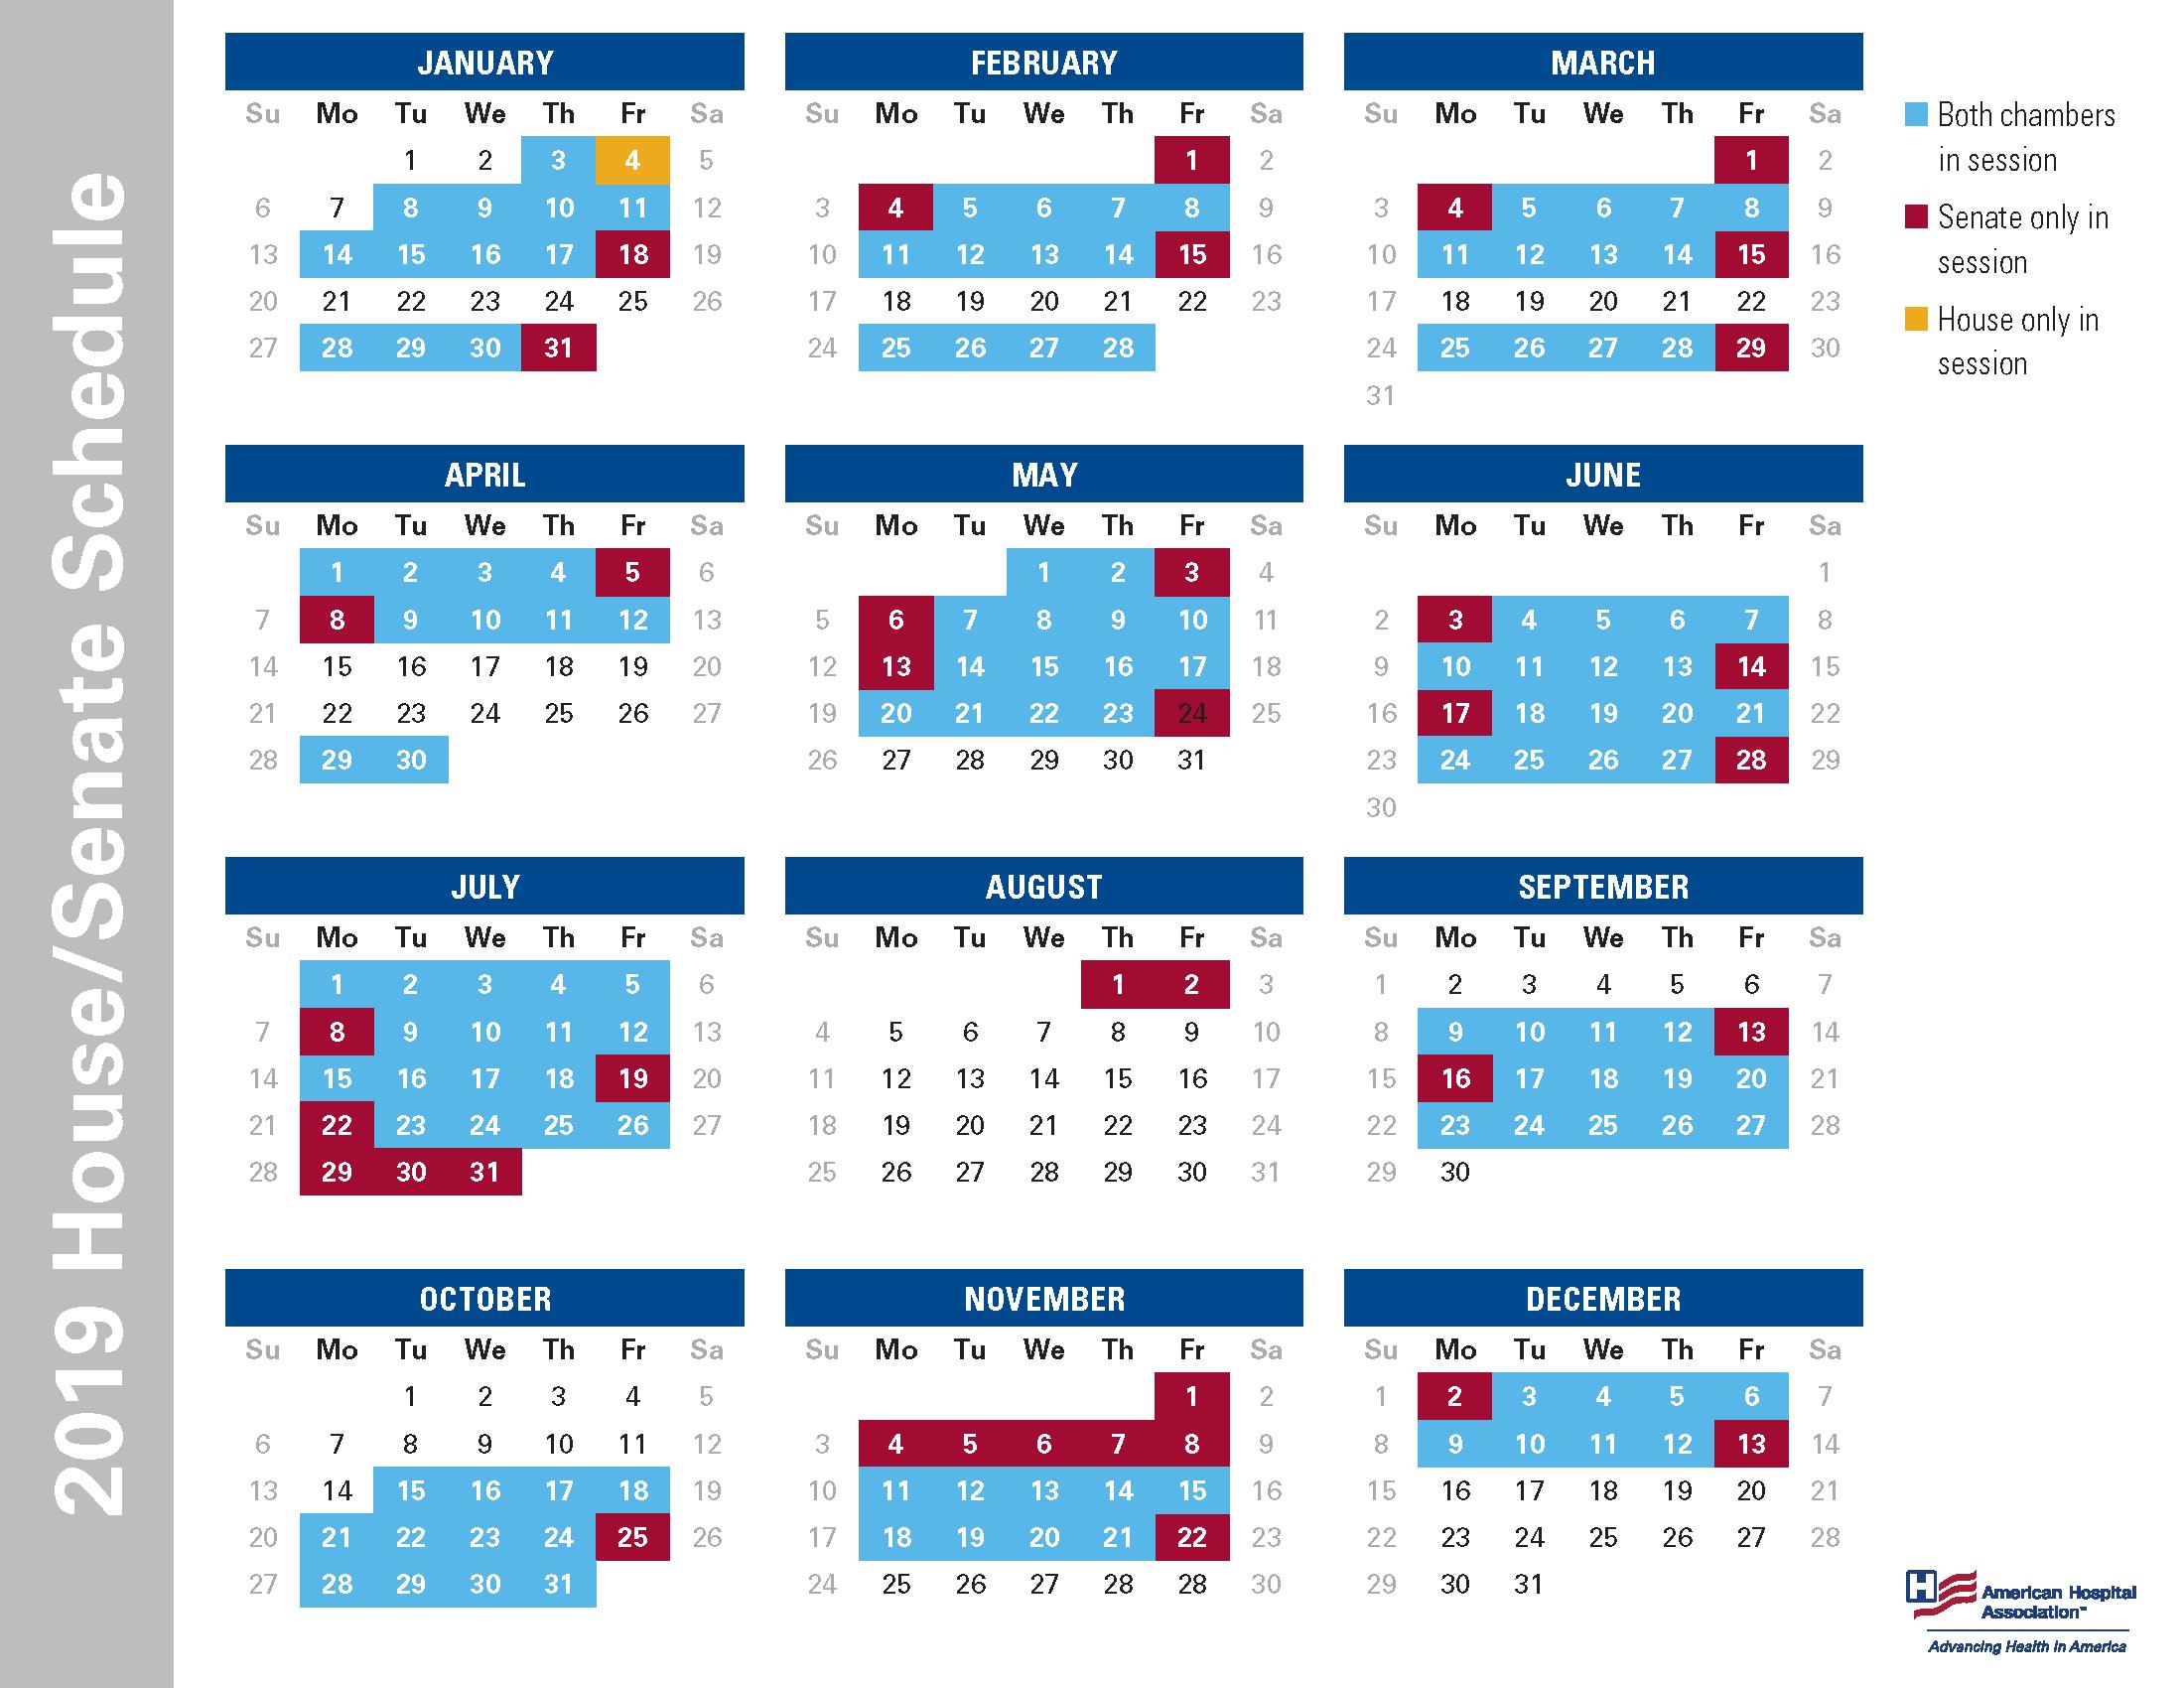 2021 Congressional Calendar 2019 House/Senate Schedule   AHA